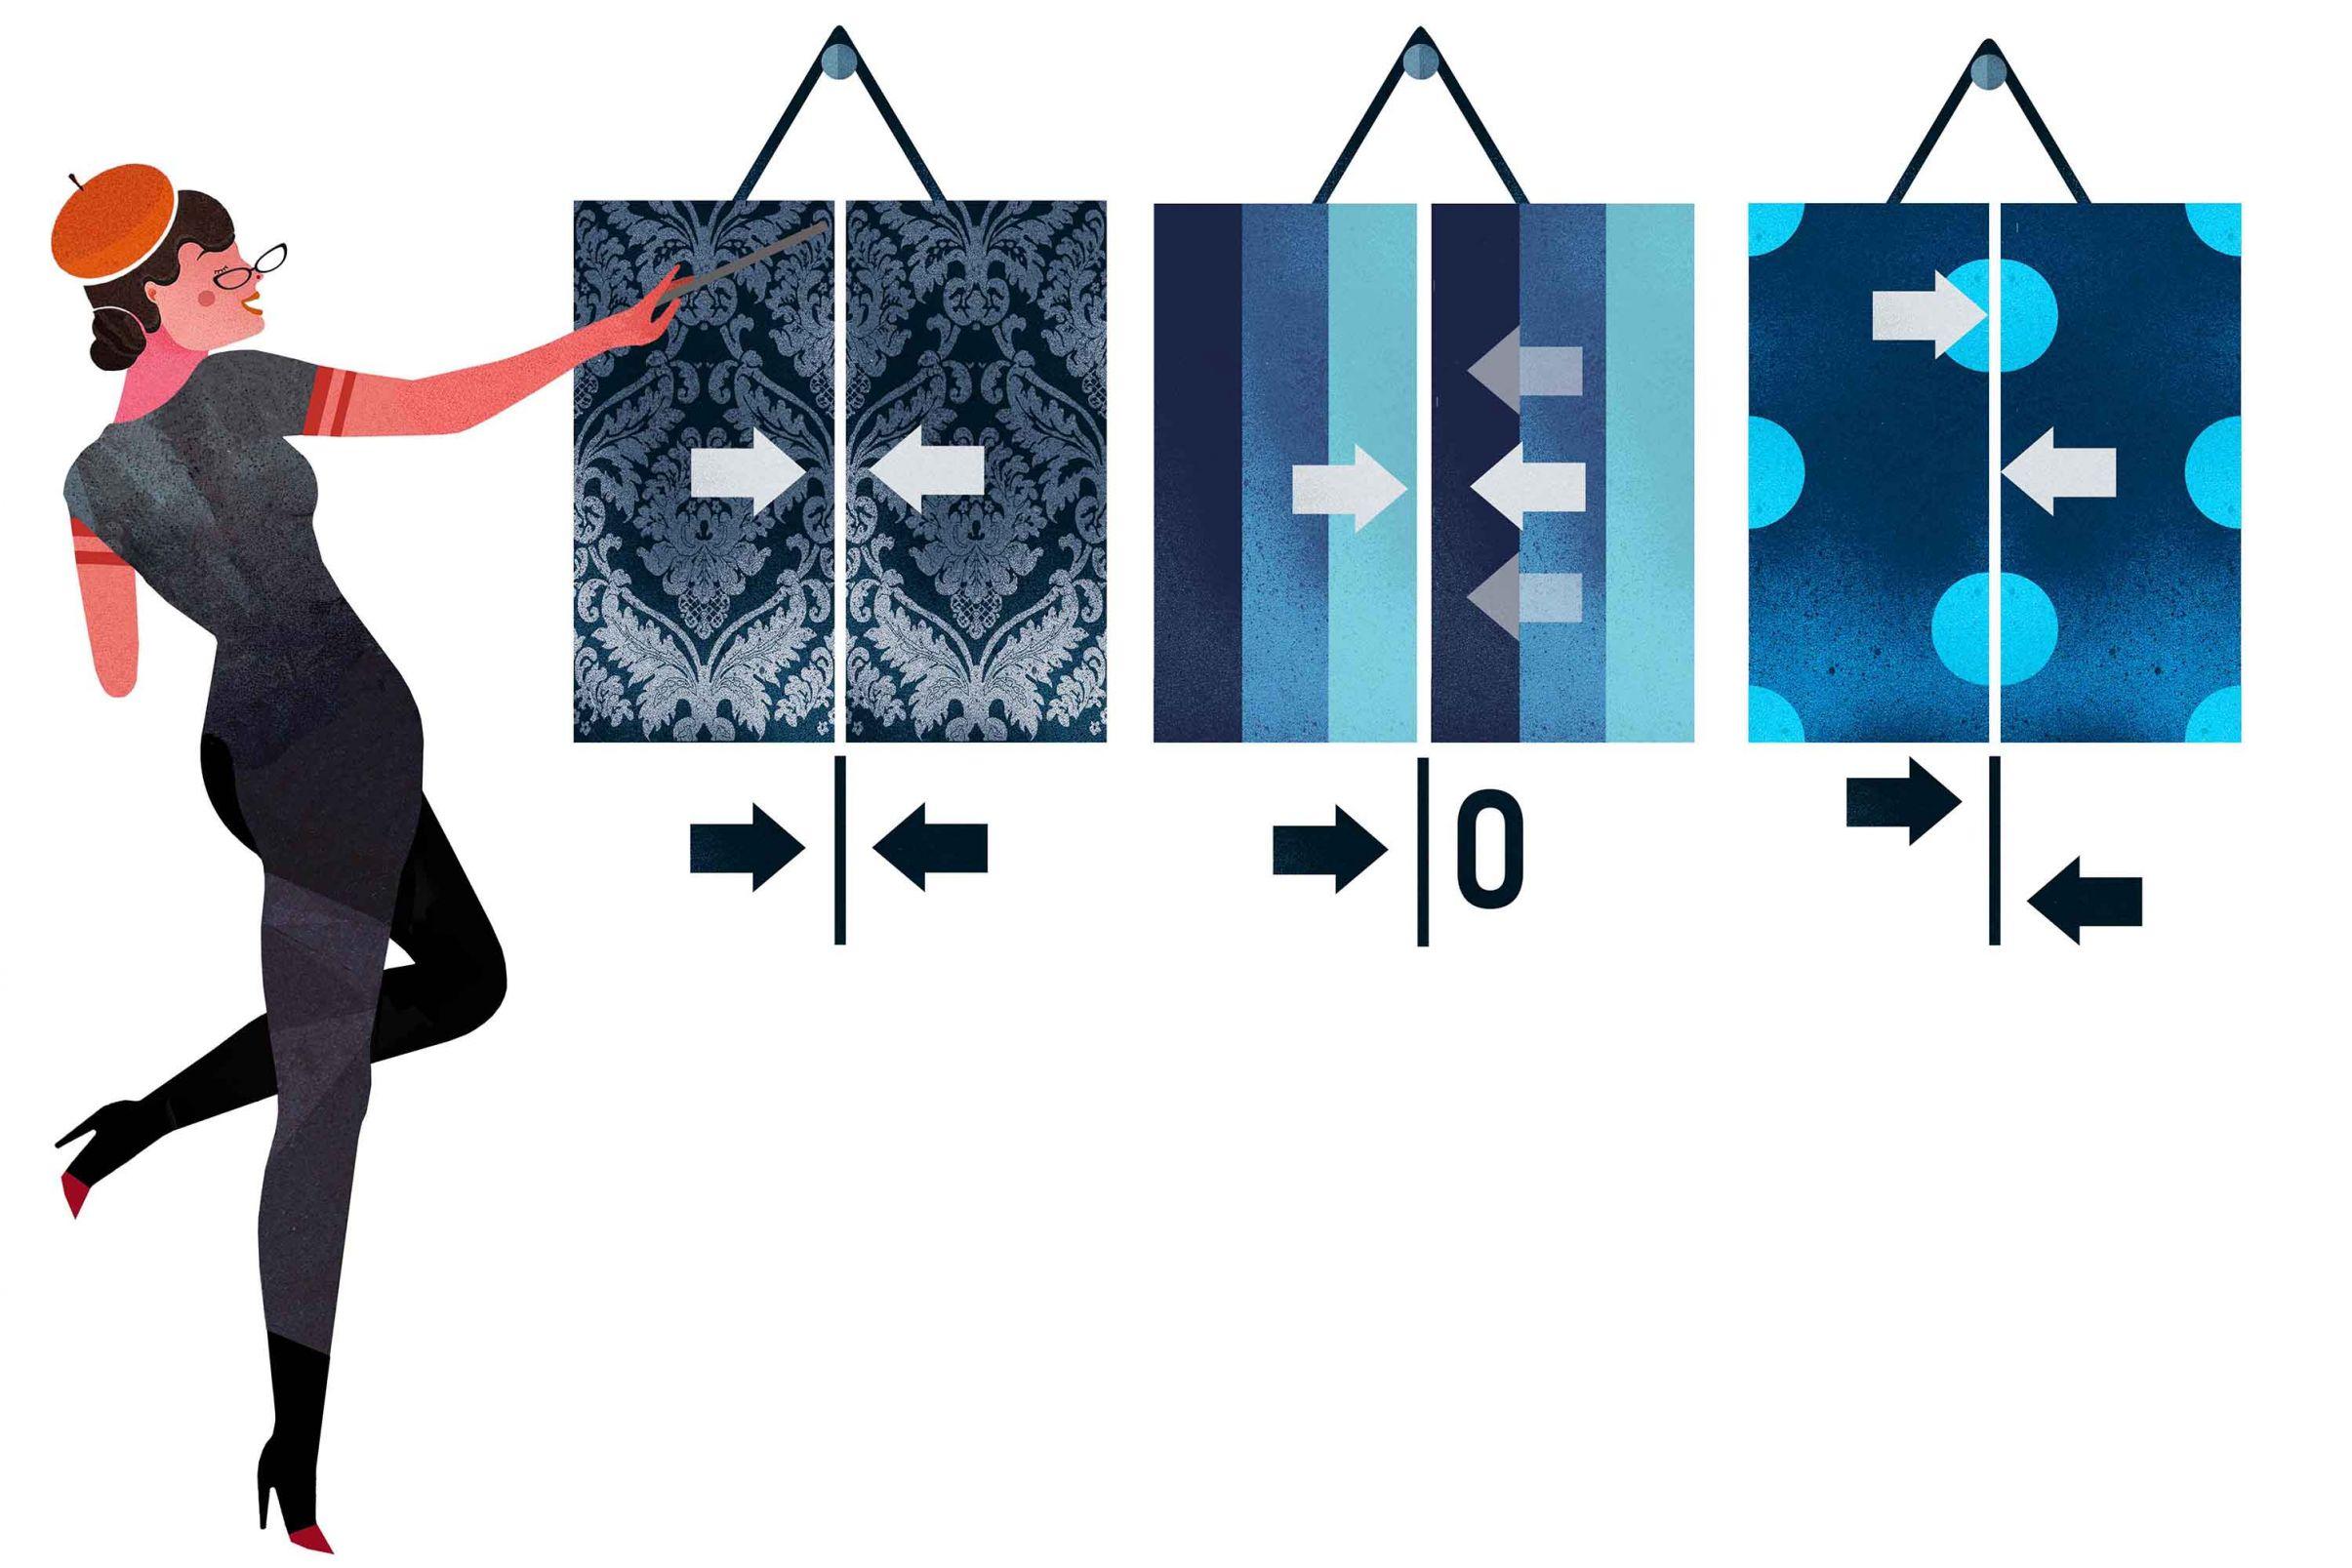 Comment-couper-correctement-le-papier-peint-Rappelez-vous-de-la-repetition-du-motif-pour-tout-le-supplementaire-de-papier-peint